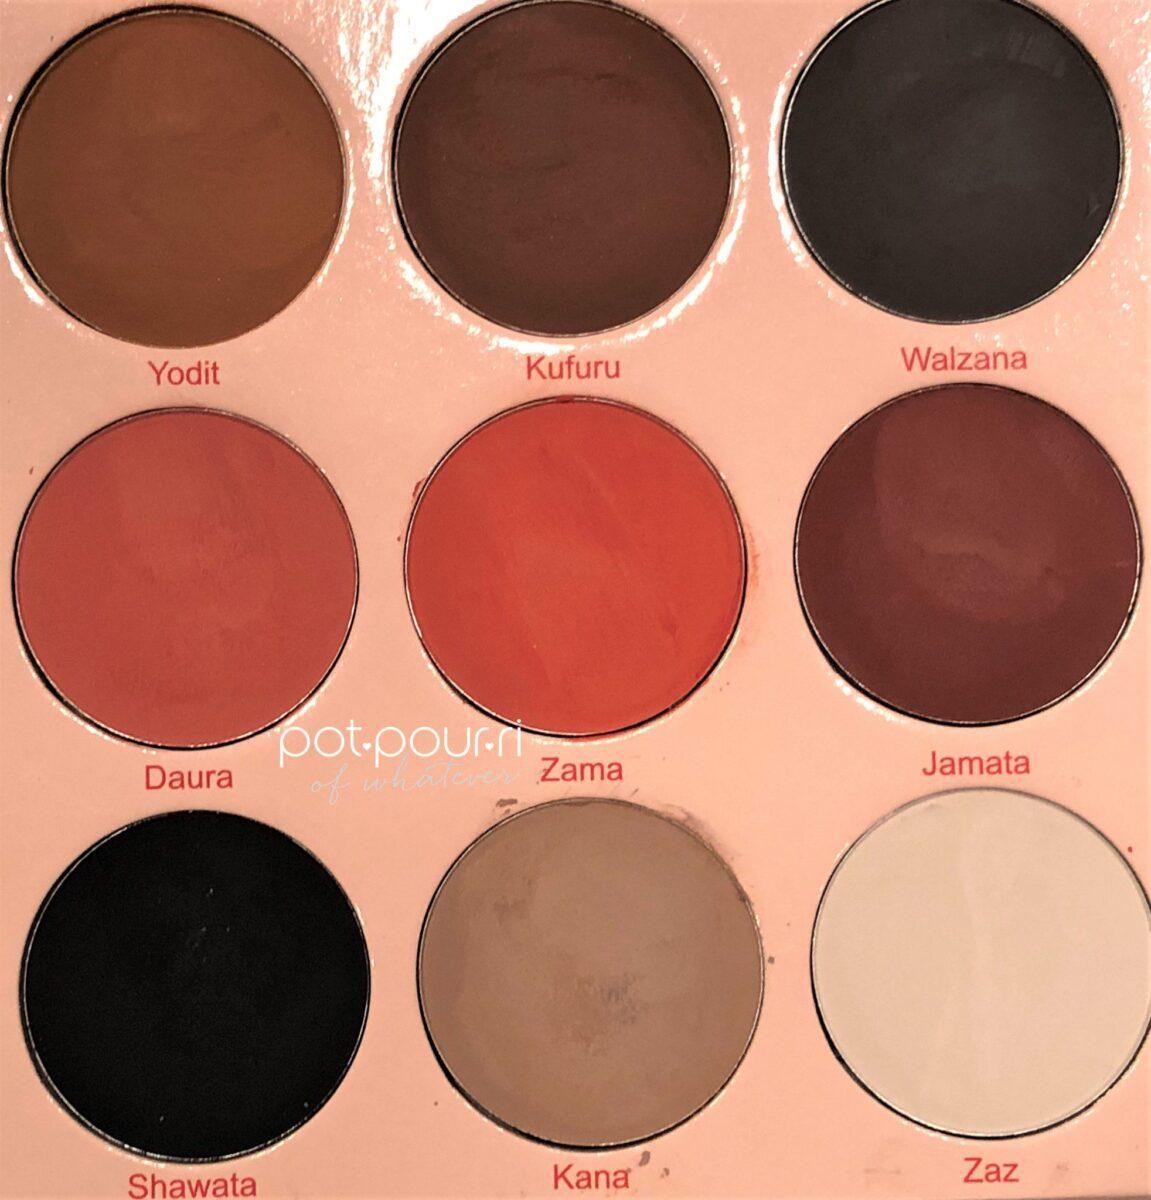 9 eye shadow shades